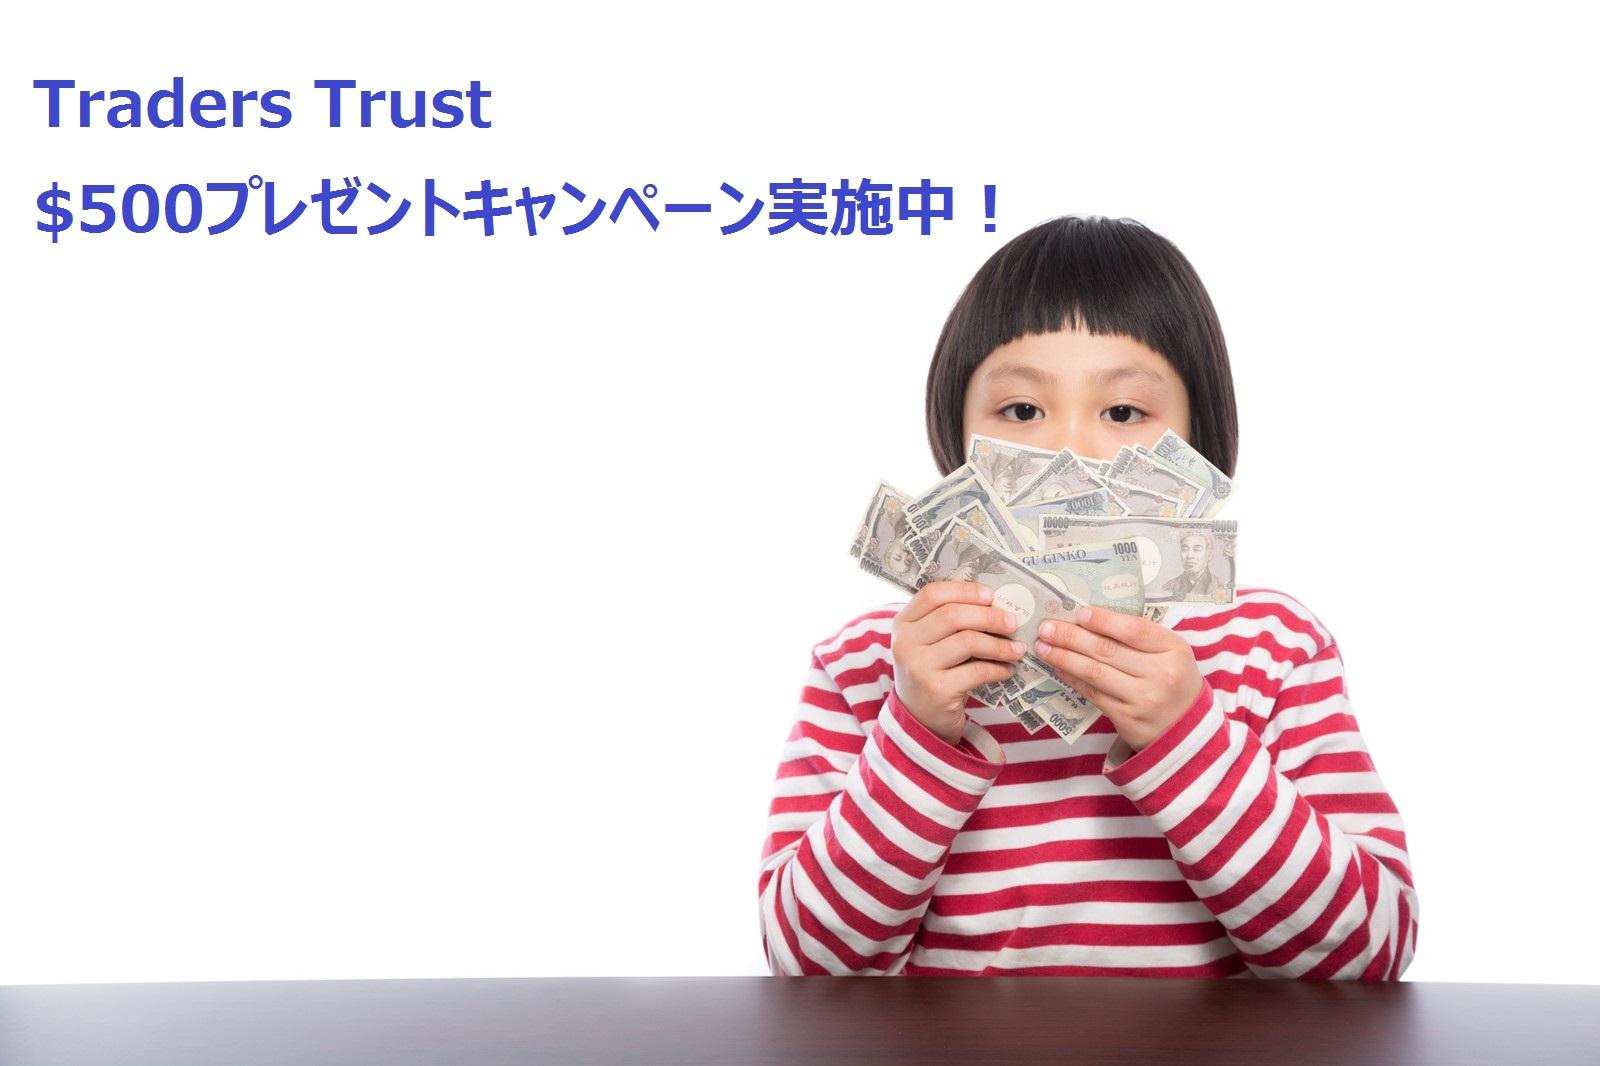 【TradersTrust】$500プレゼントキャンペーン